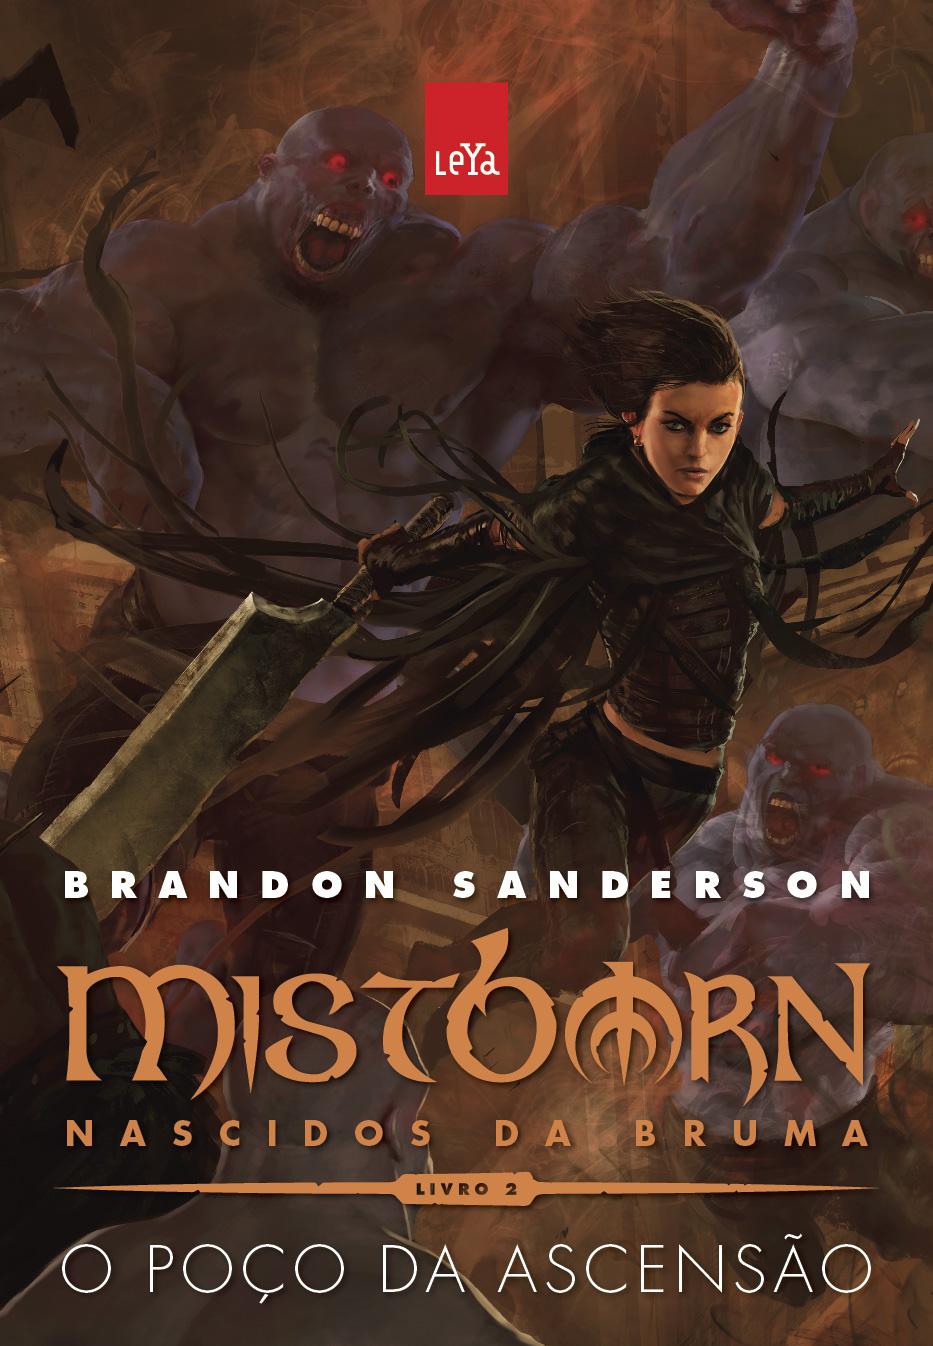 O Poço da Ascensão by Brandon Sanderson